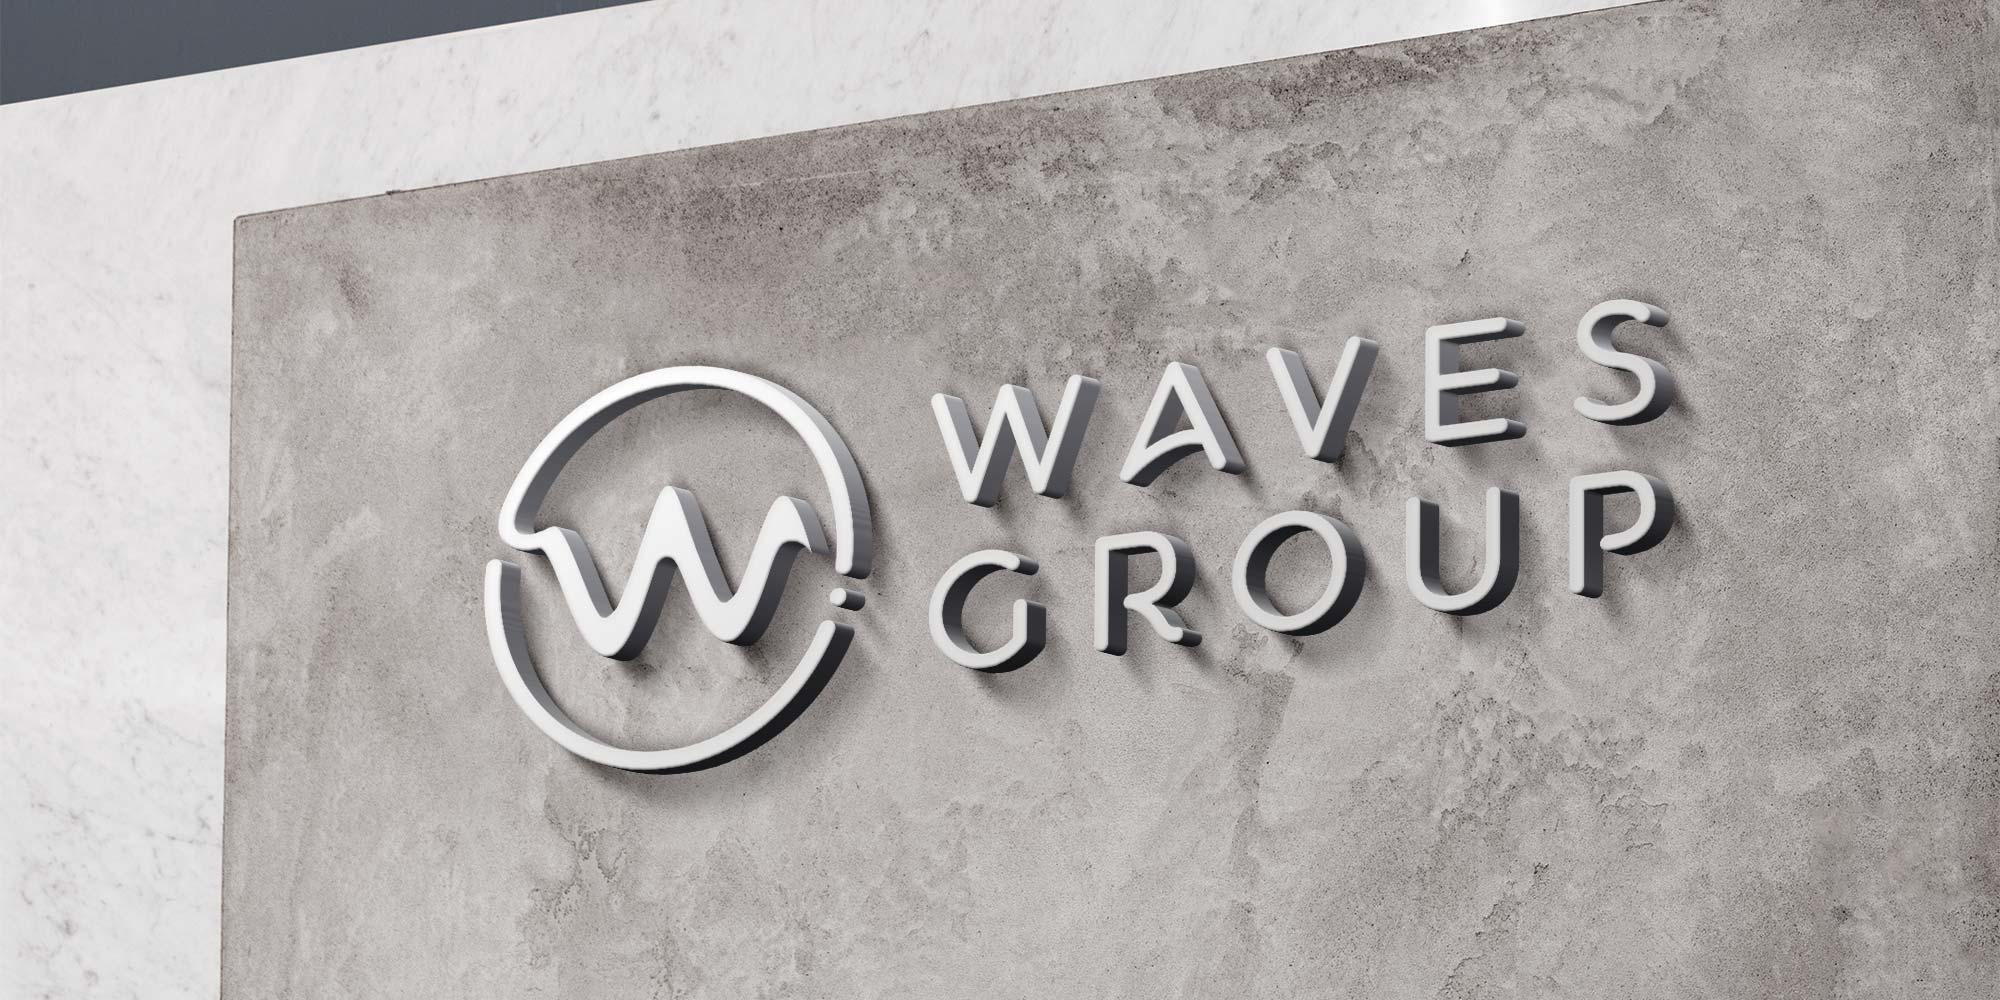 Waves Group Logo Design